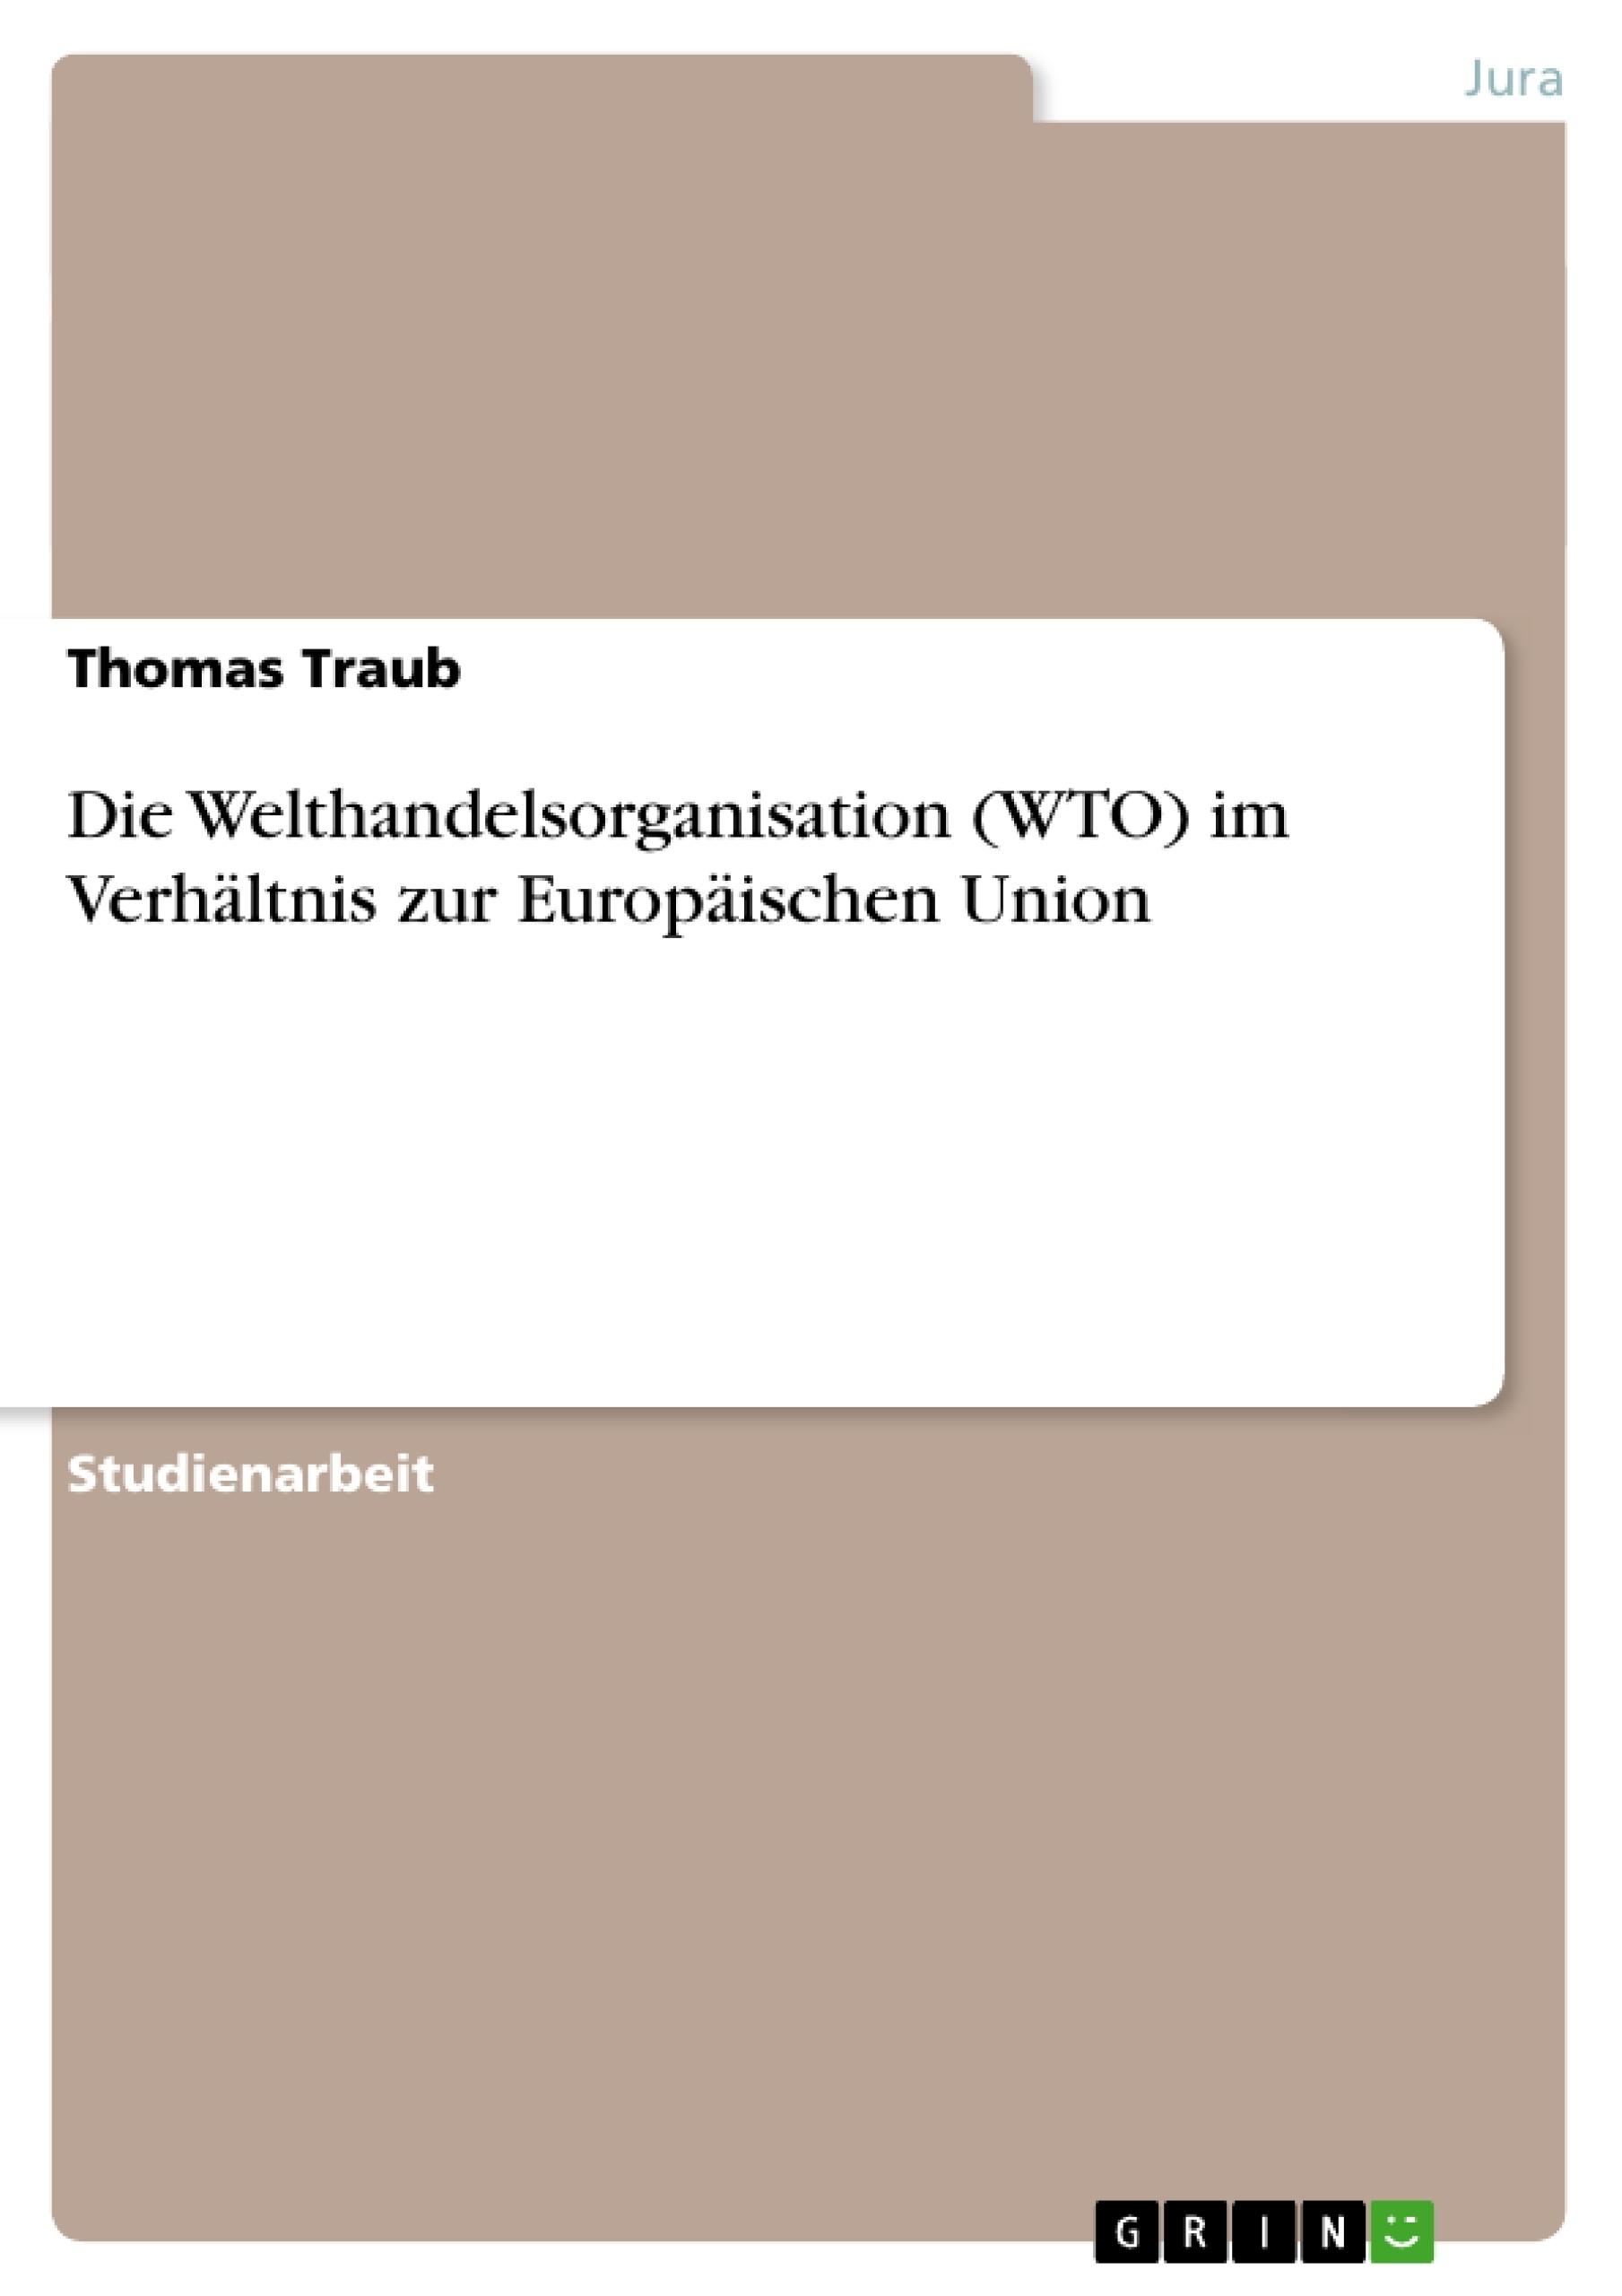 Titel: Die Welthandelsorganisation (WTO) im Verhältnis zur Europäischen Union